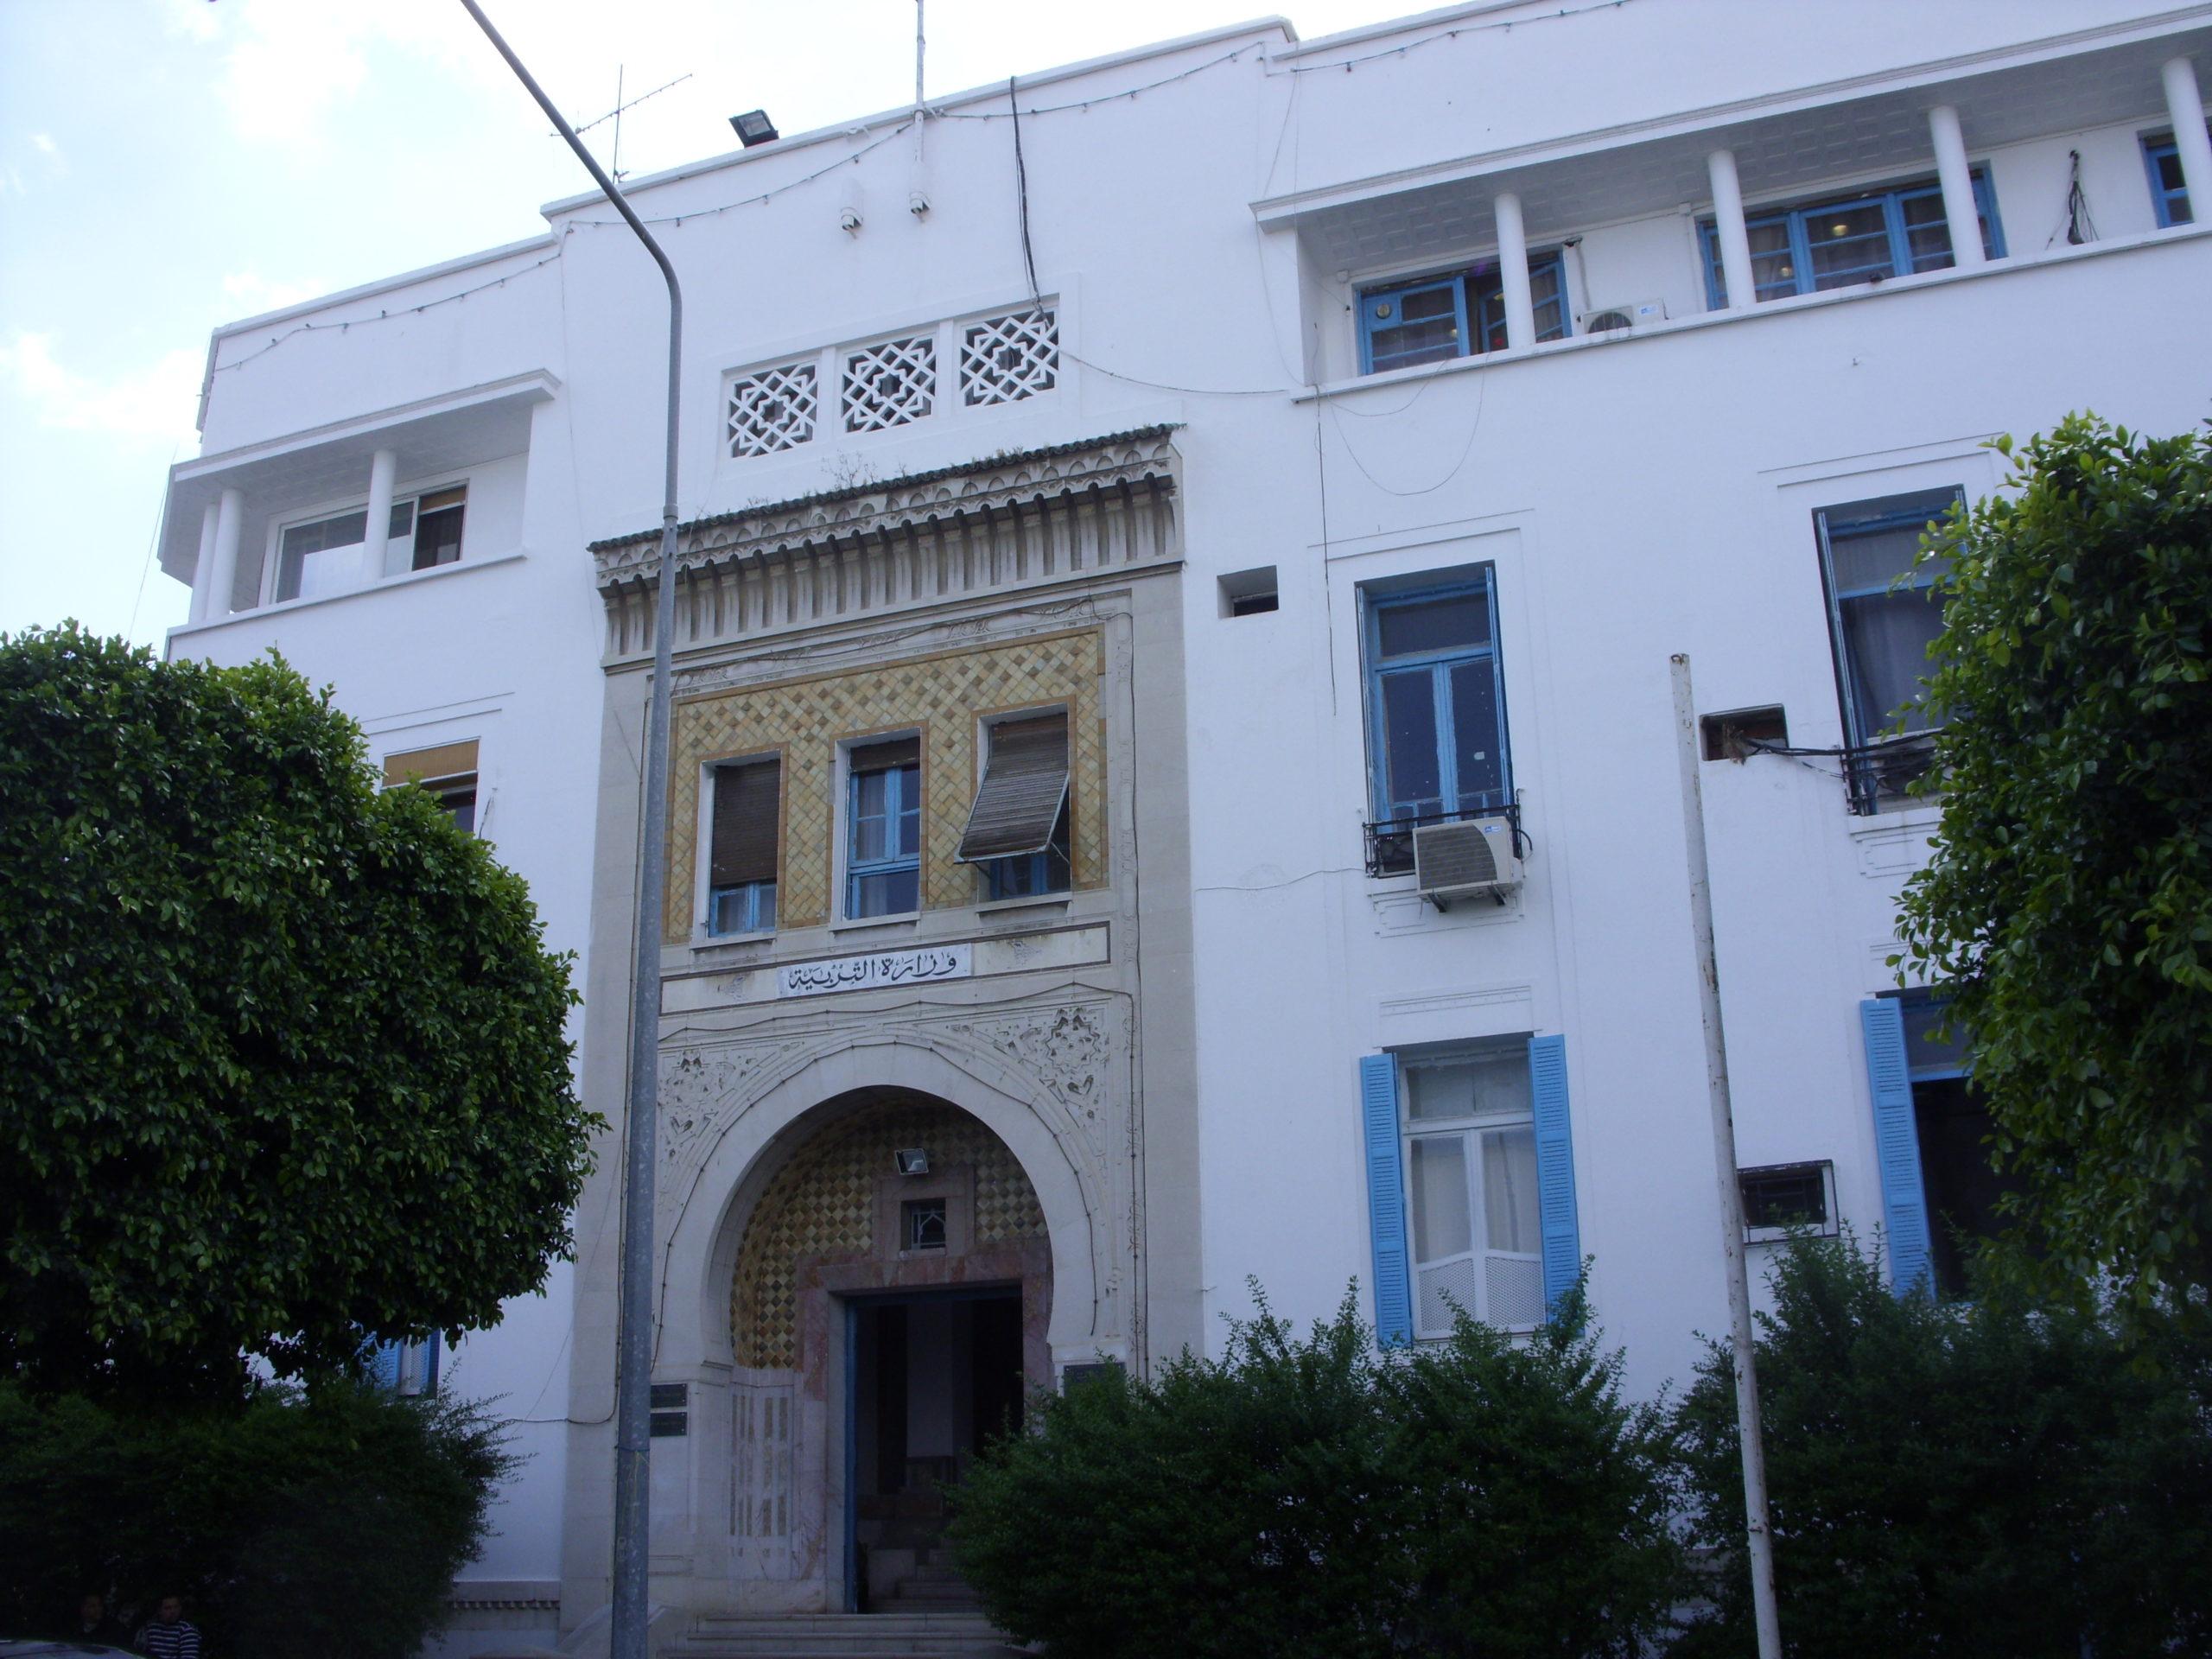 وزارة التربية: الحد من التنقلات إلى مقر الوزارة والاقتصار على الحالات الاستعجالية القصوى